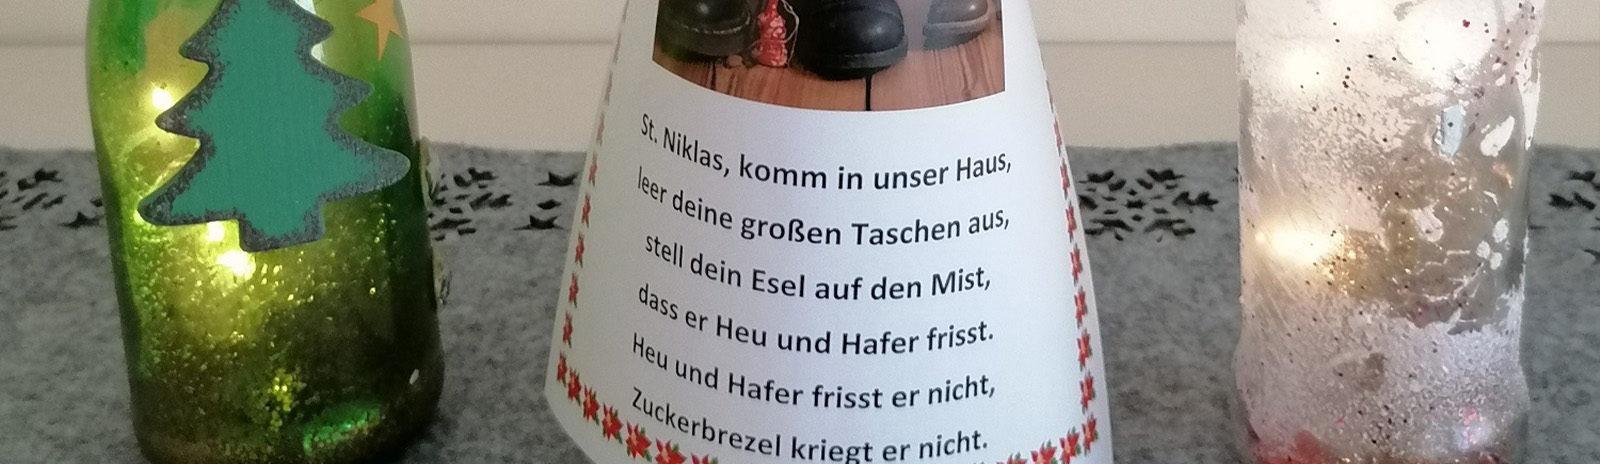 Flaschen und Nikolaustüte_slider